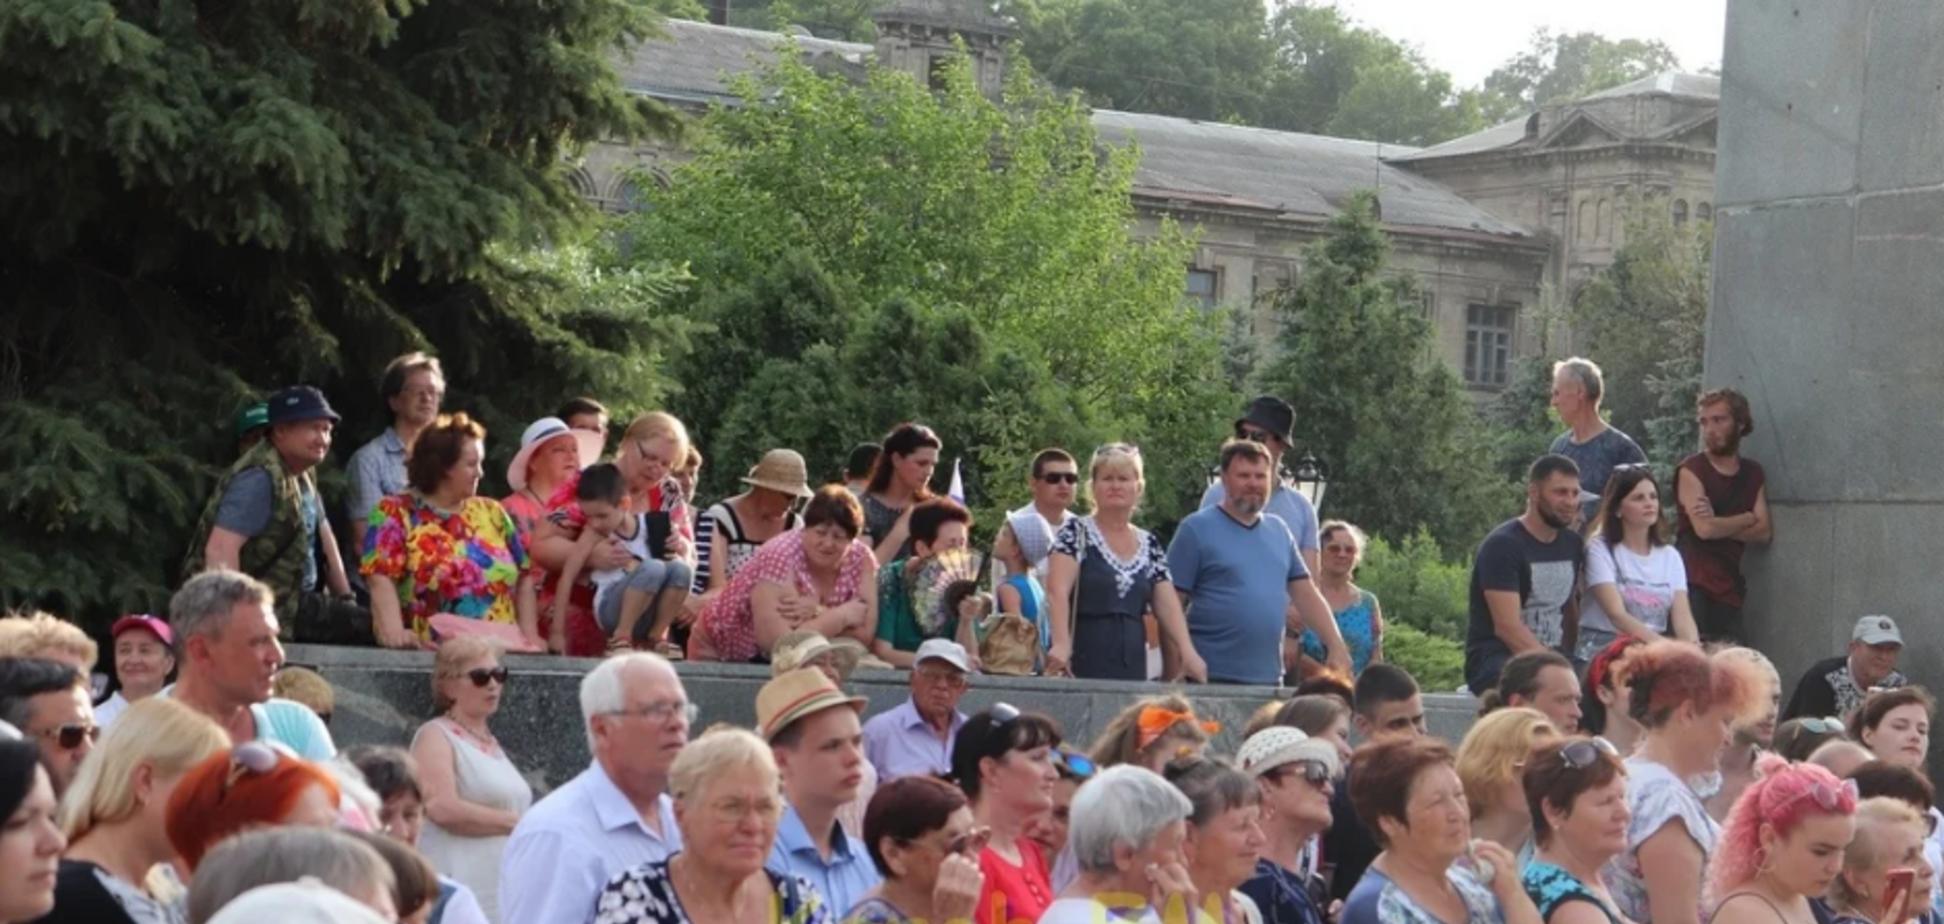 'Рашка сдулась!' В сети появились показательные фото разочарованного Крыма